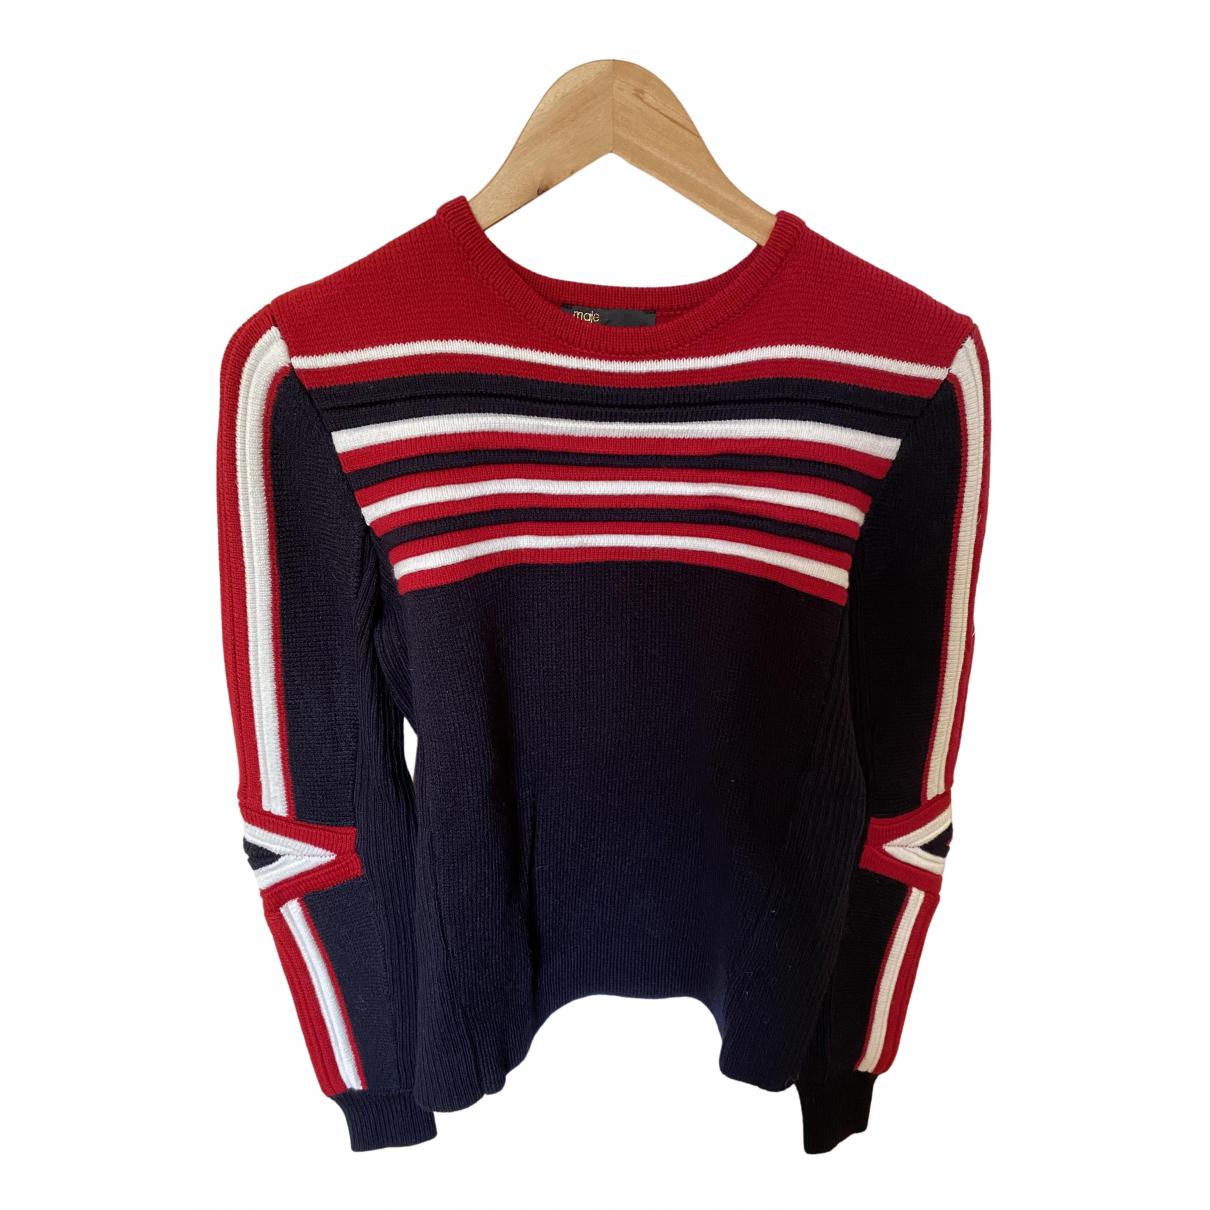 Maje Fall Winter 2019 Navy Wool Knitwear for Women 1 US